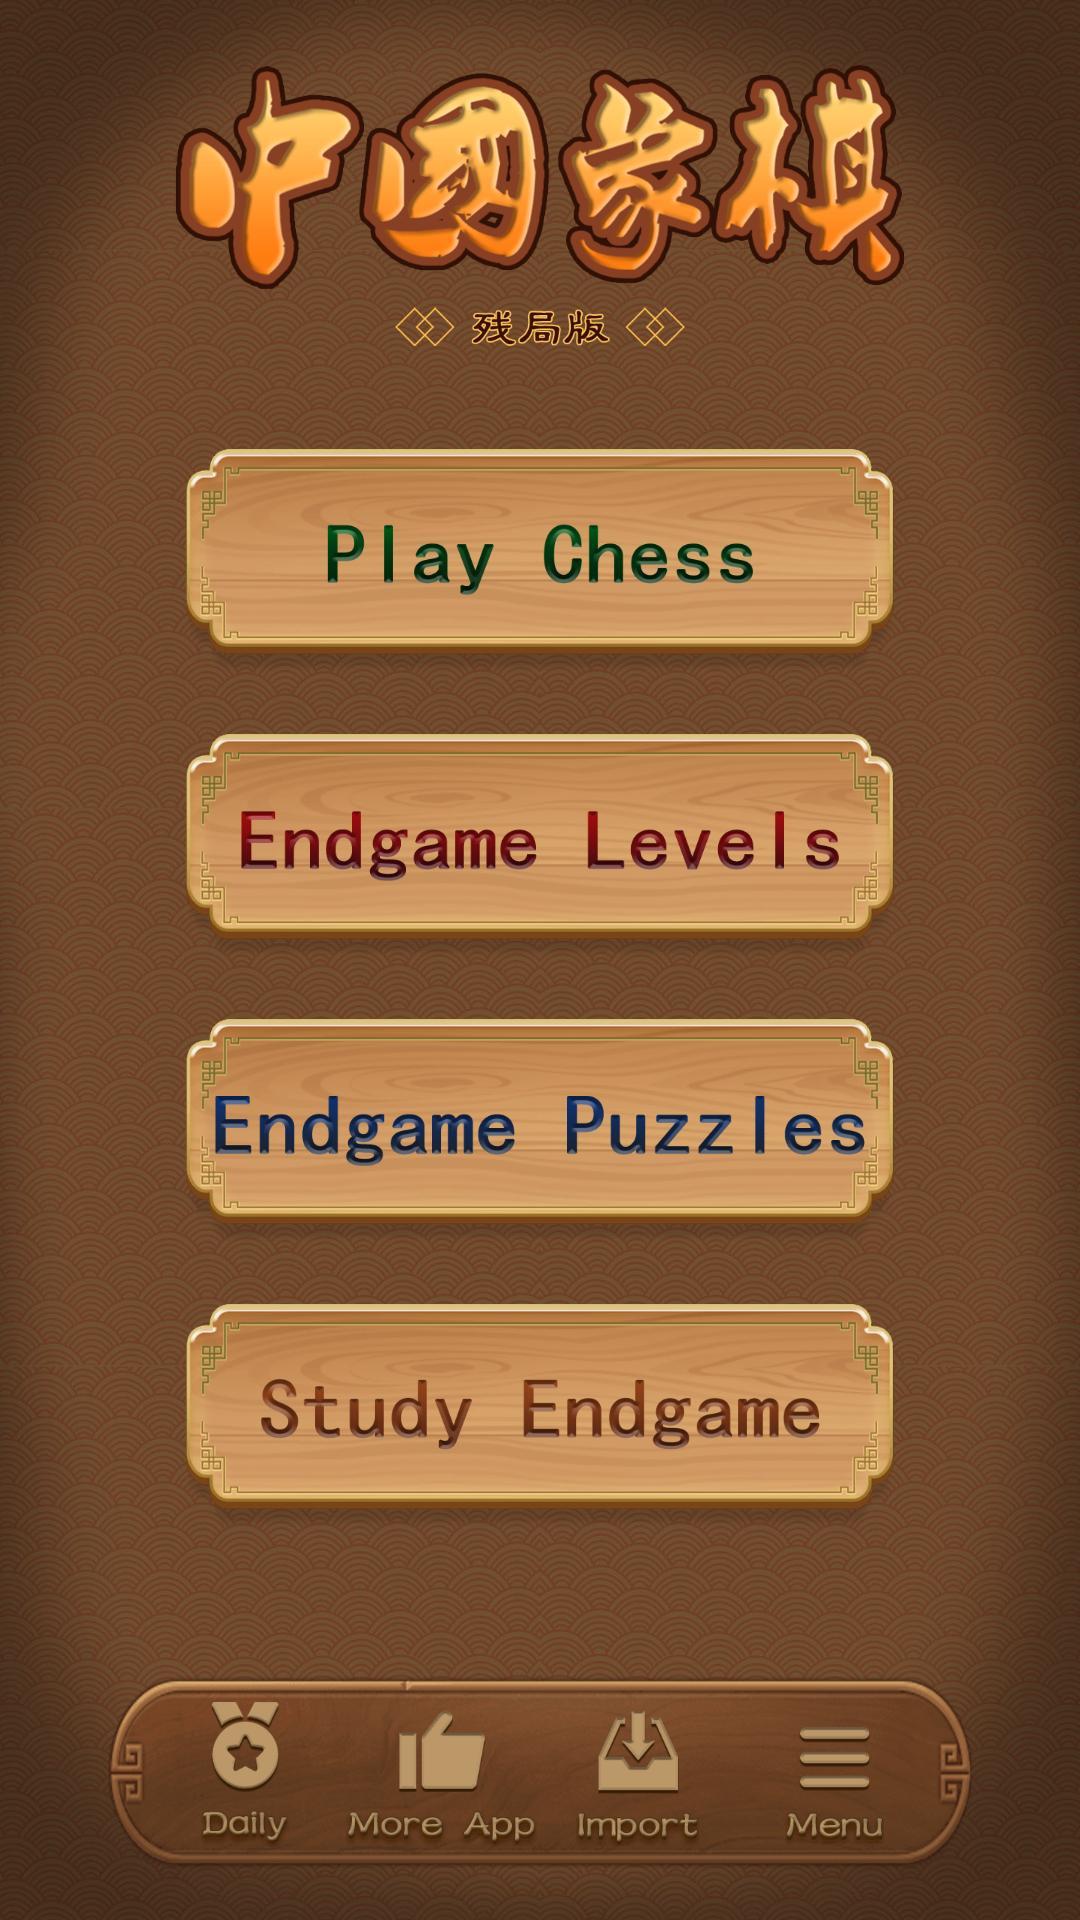 Chinese Chess from beginner to master 1.6.2 Screenshot 8